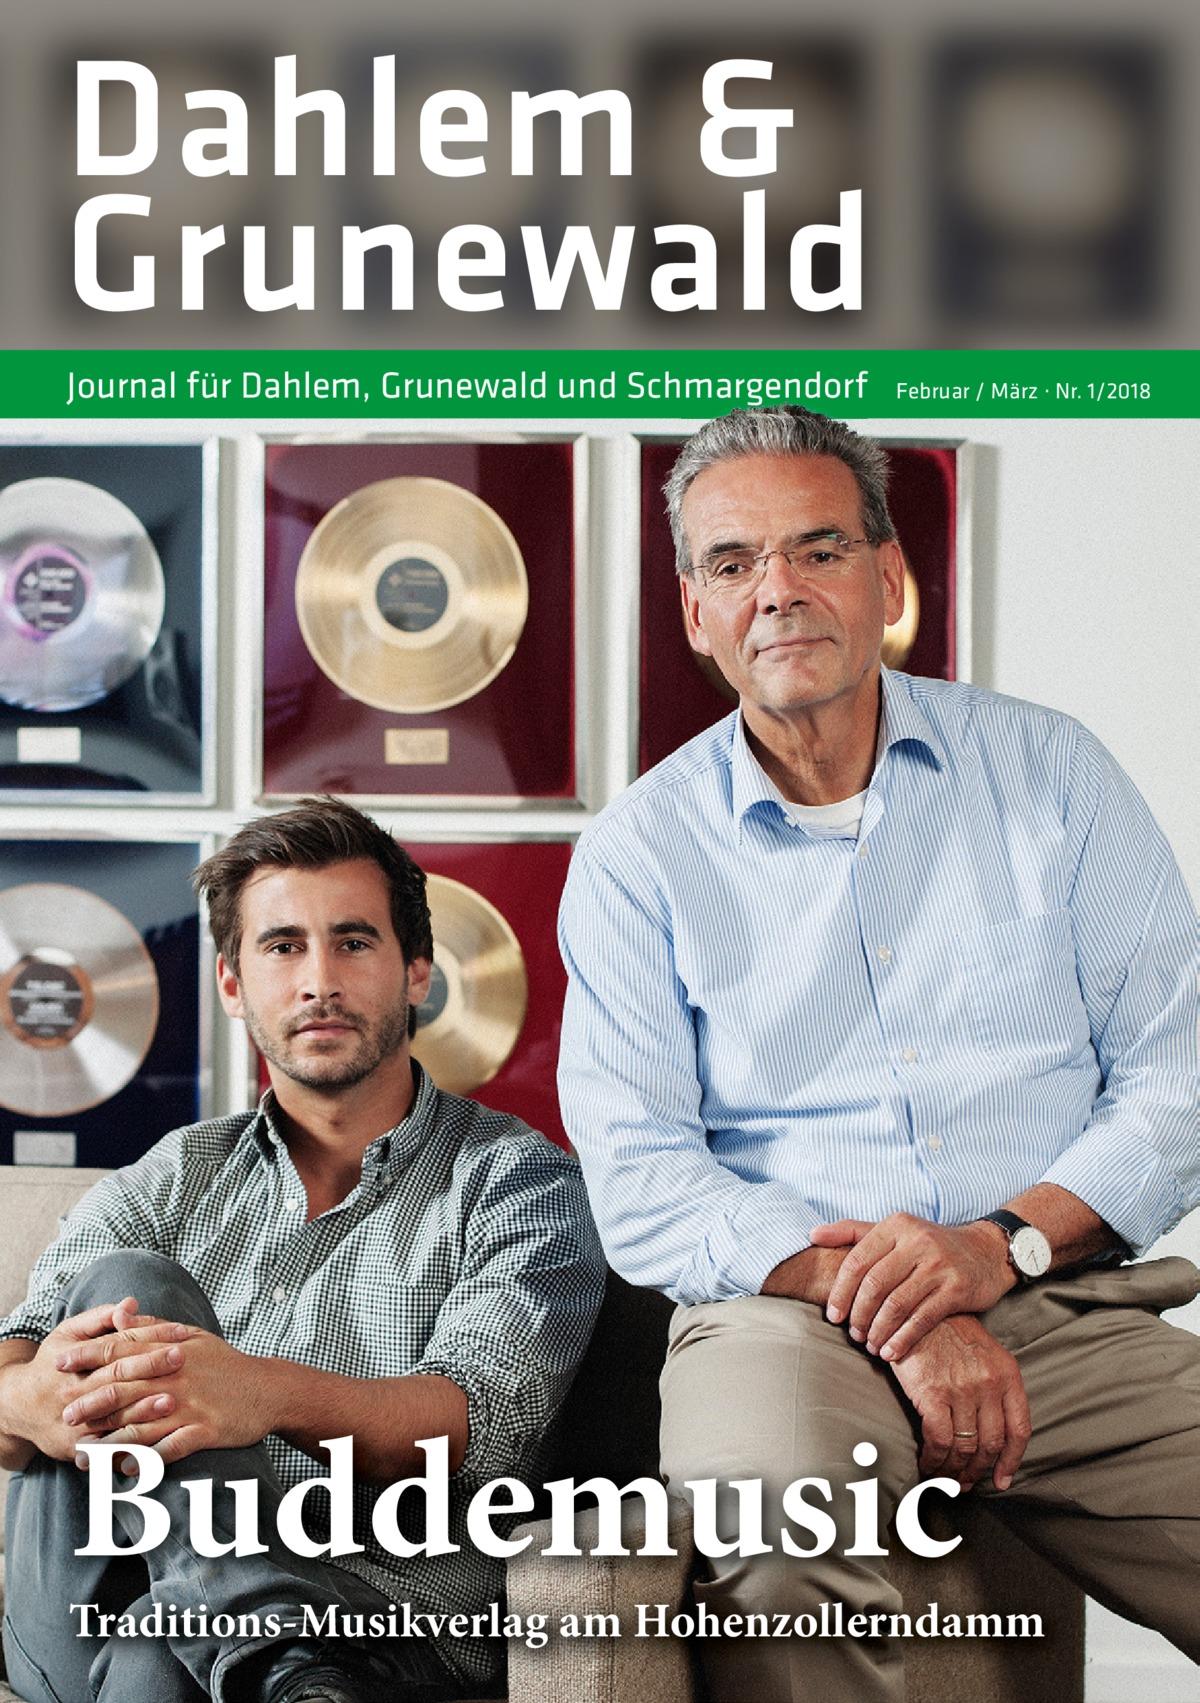 Dahlem & Grunewald Journal für Dahlem, Grunewald und Schmargendorf  Februar / März · Nr. 1/2018  Buddemusic  Traditions-Musikverlag amHohenzollerndamm